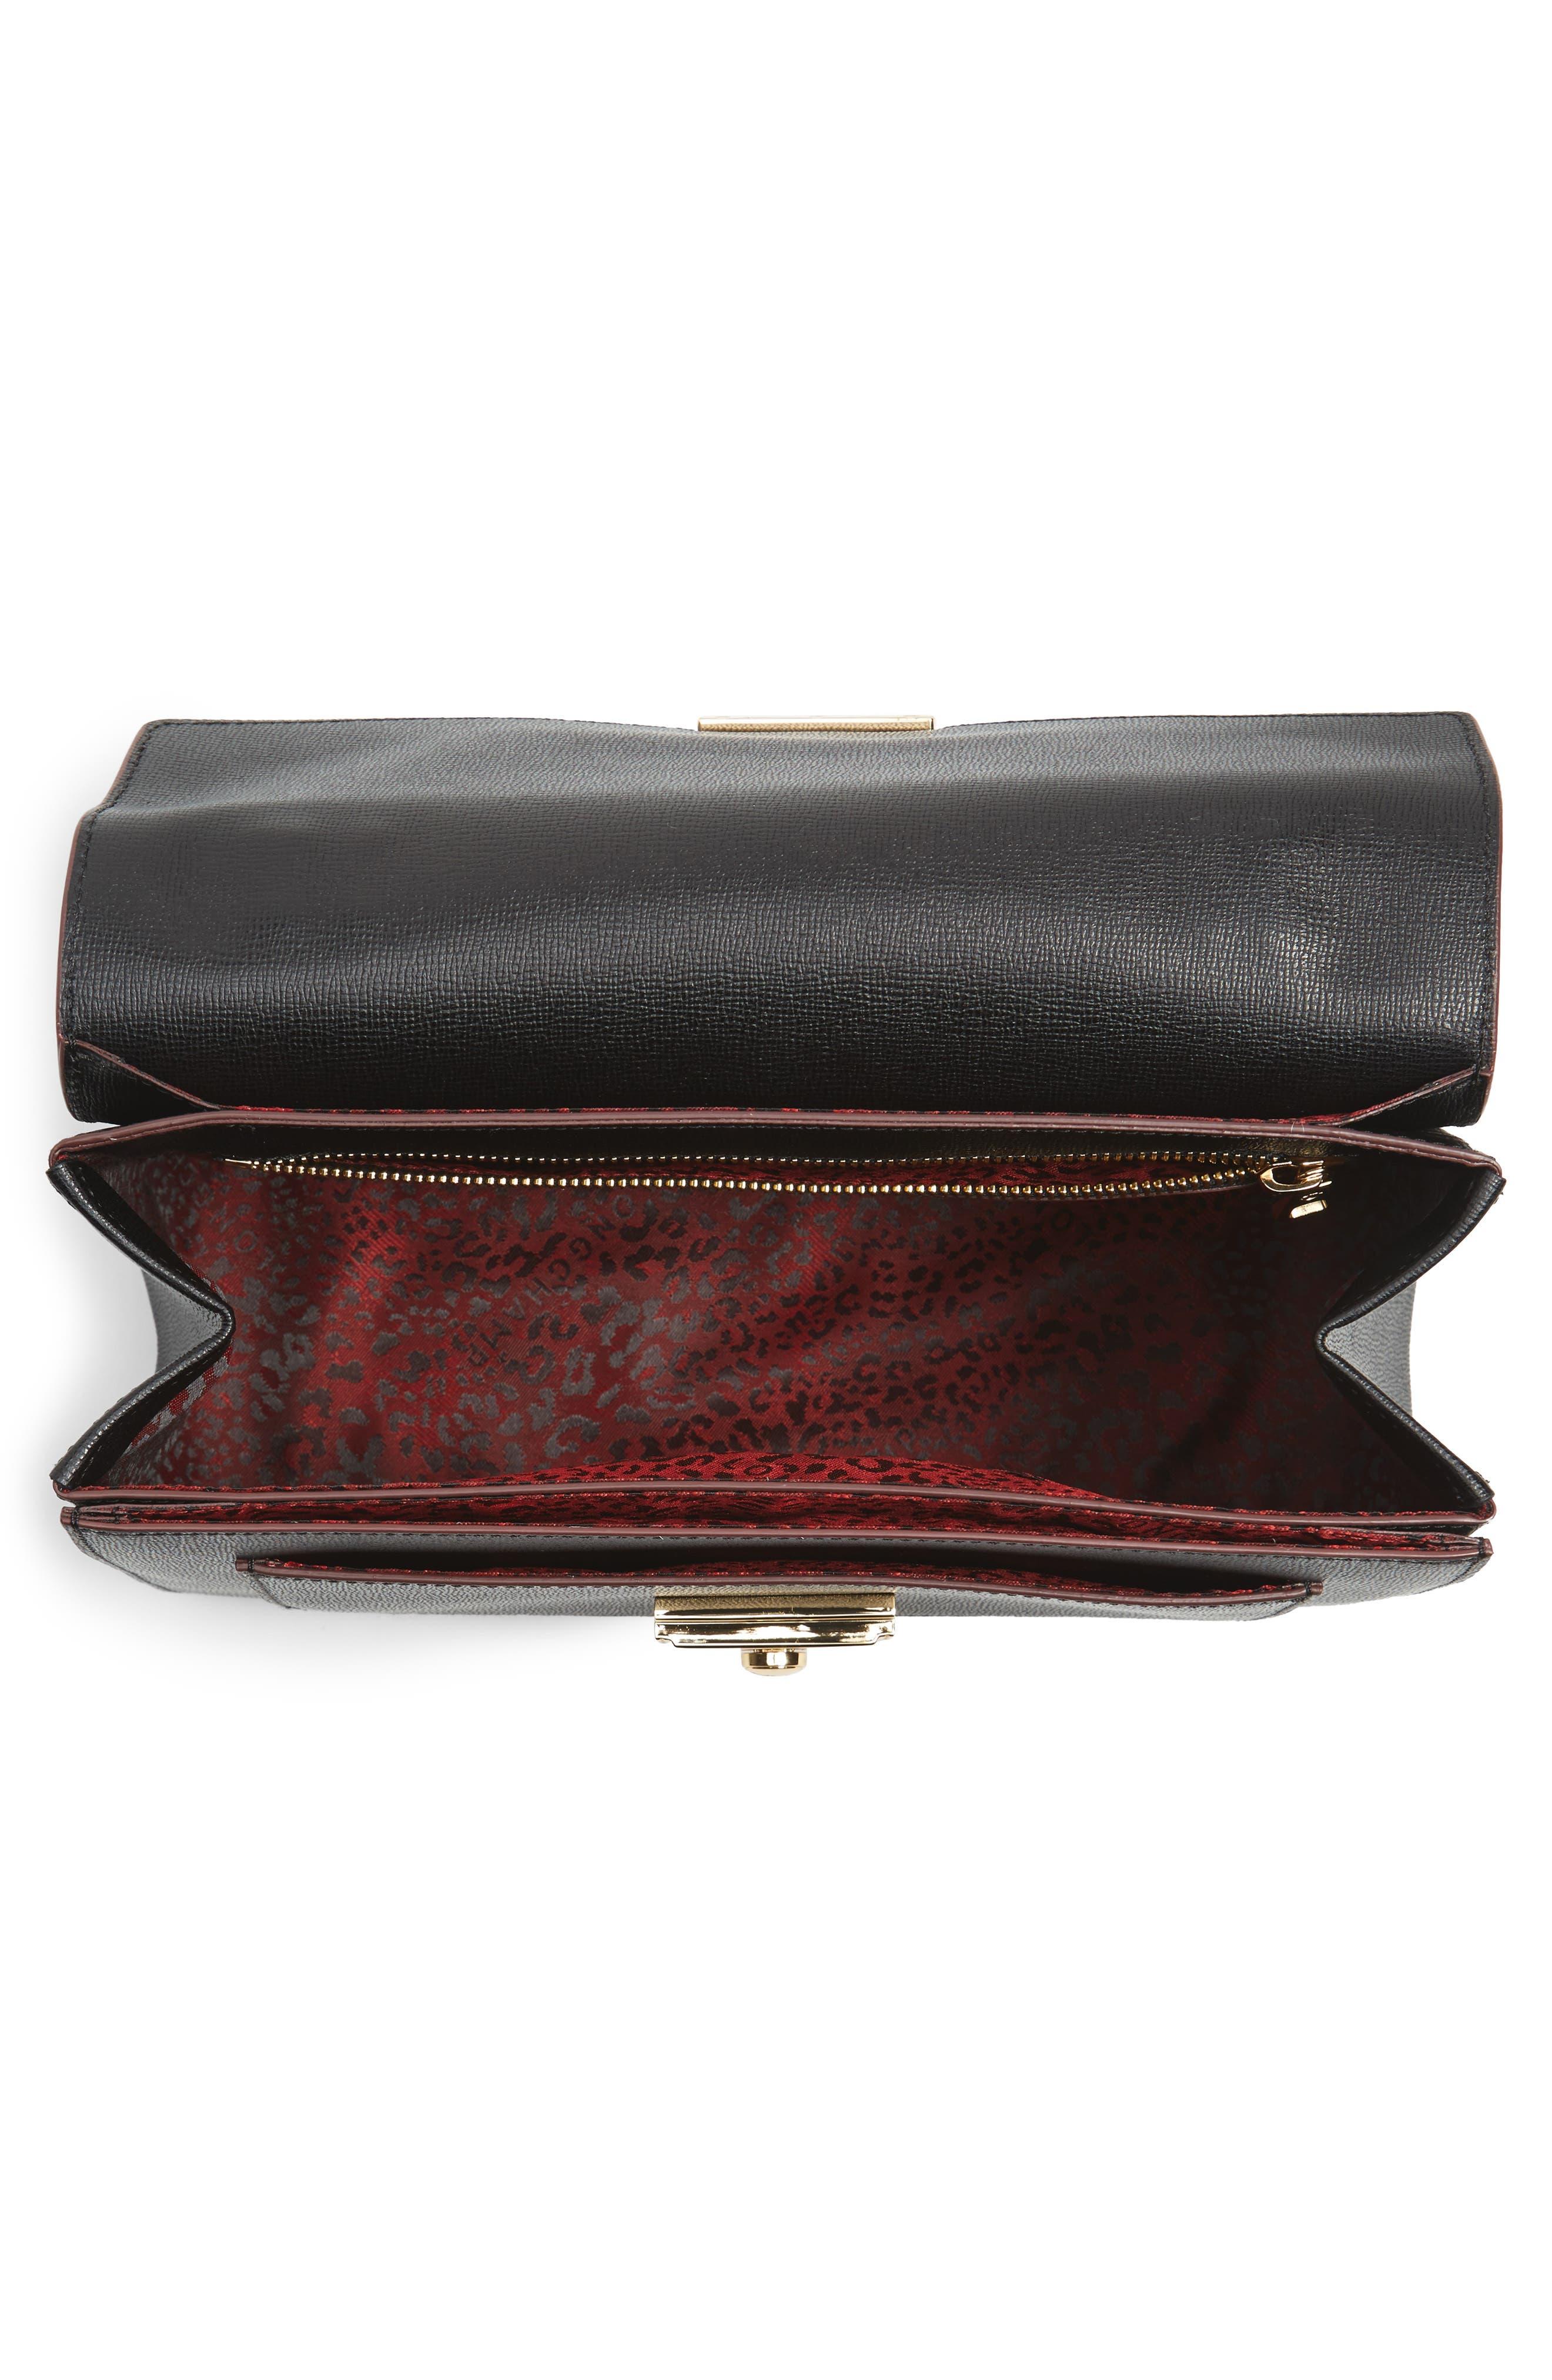 Pliage Heritage Leather Shoulder Bag,                             Alternate thumbnail 5, color,                             BLACK